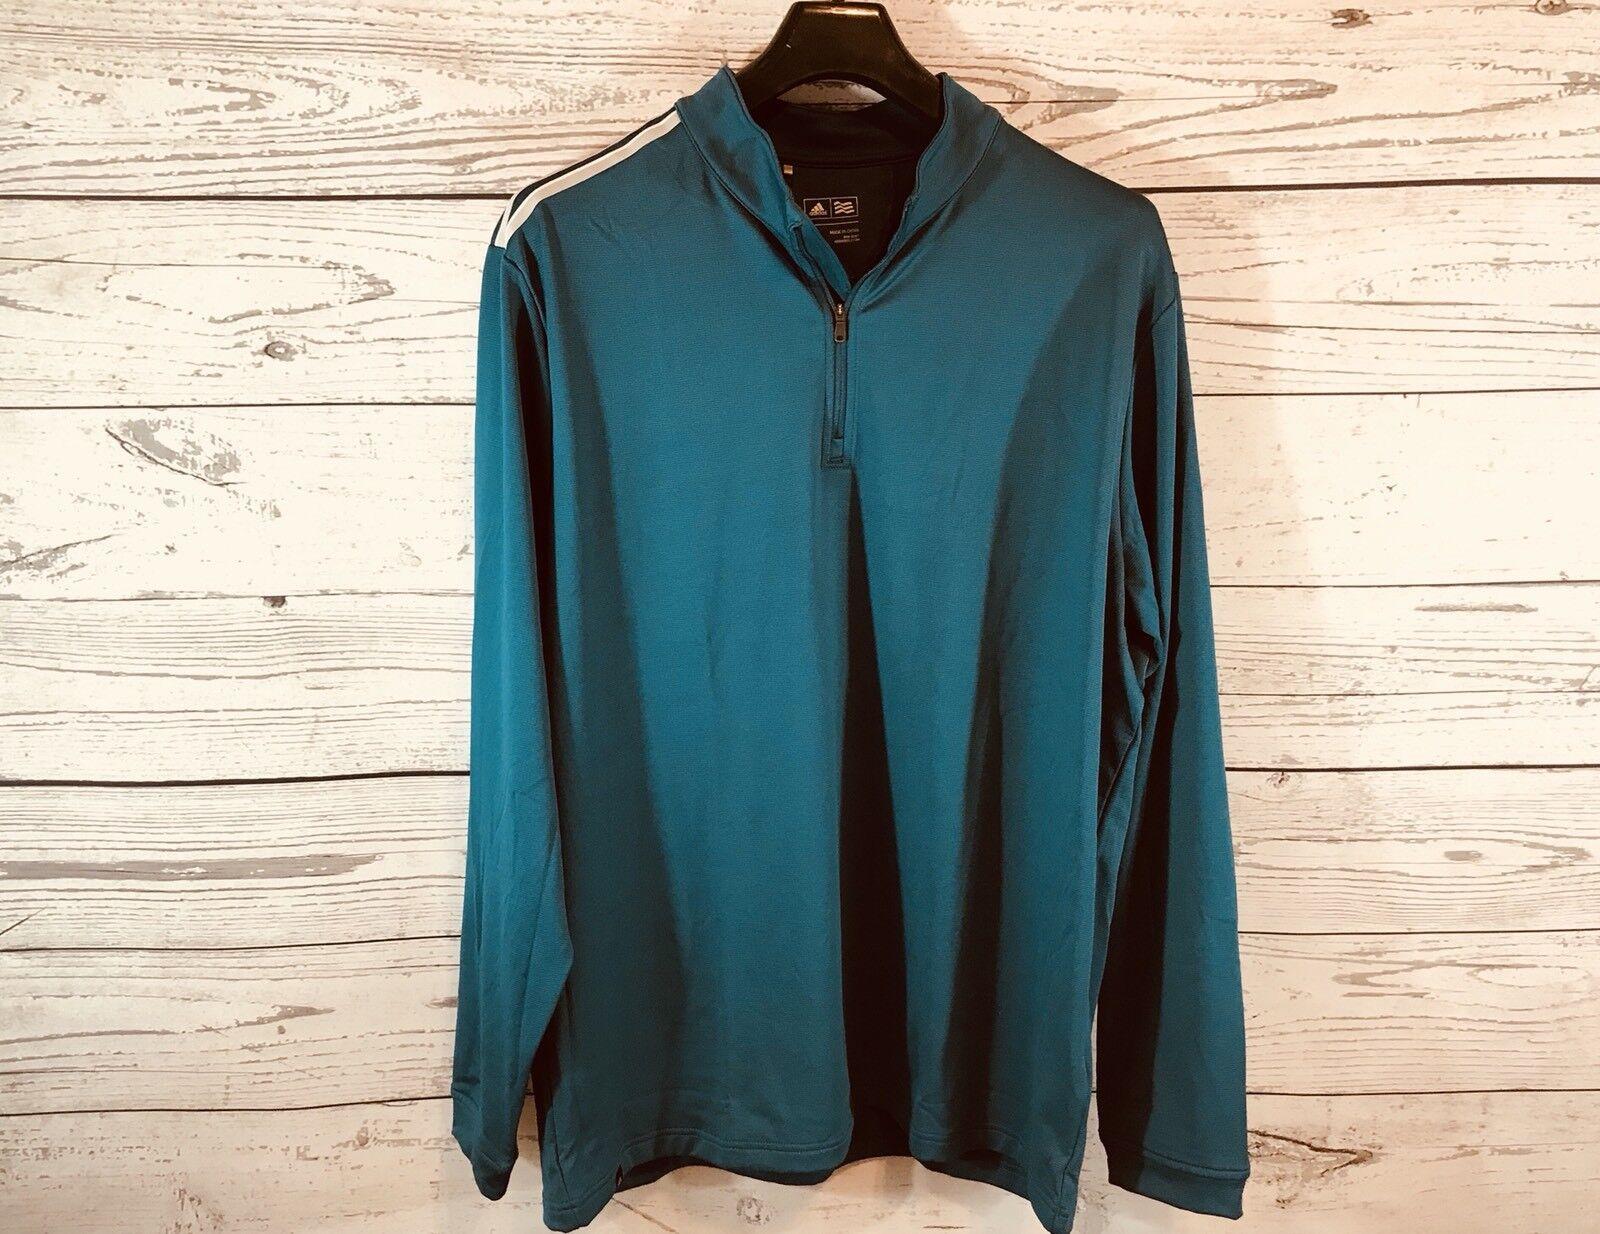 Adidas Hommes Bleu Clair 1/4 Zip Pull De Golf Bleu À Manches Longues Taille Grand TN-O